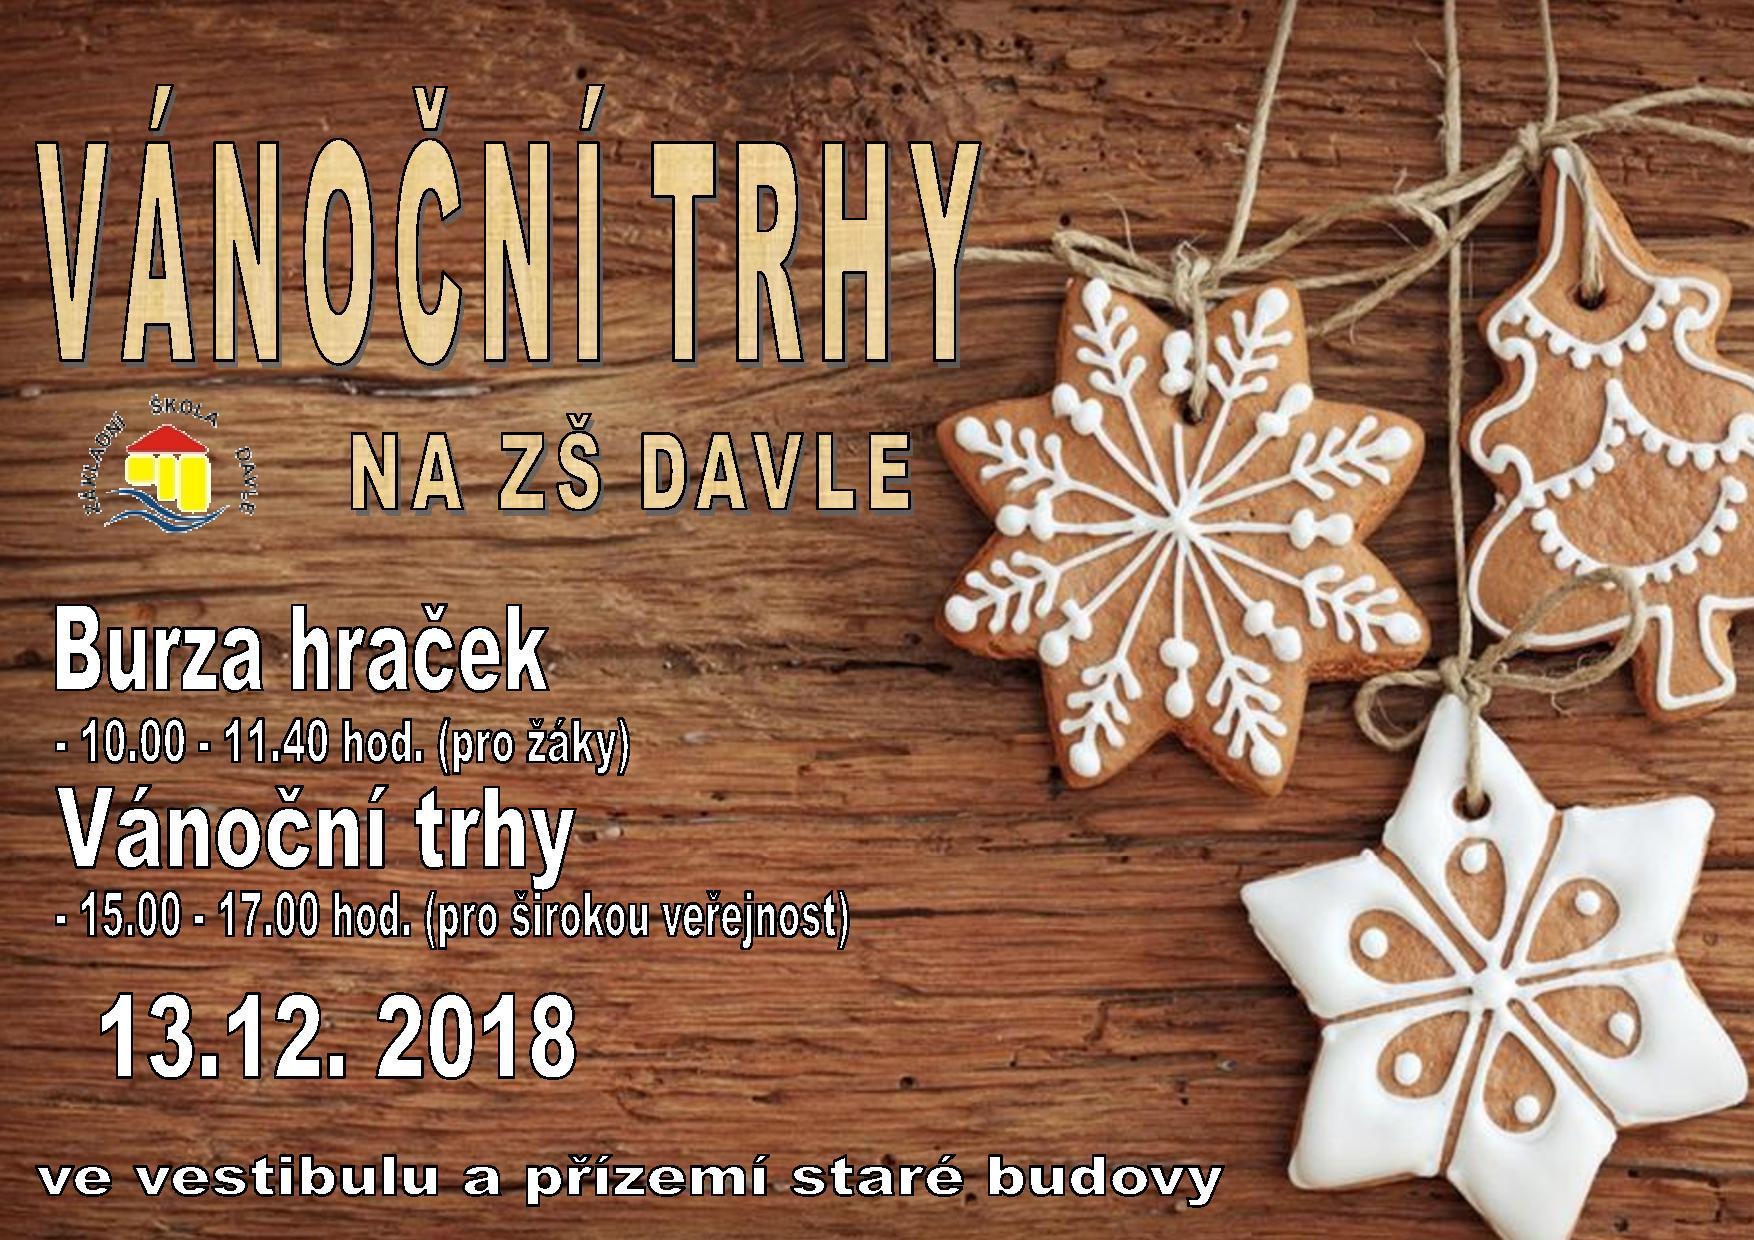 Vanocni-trhy-2018